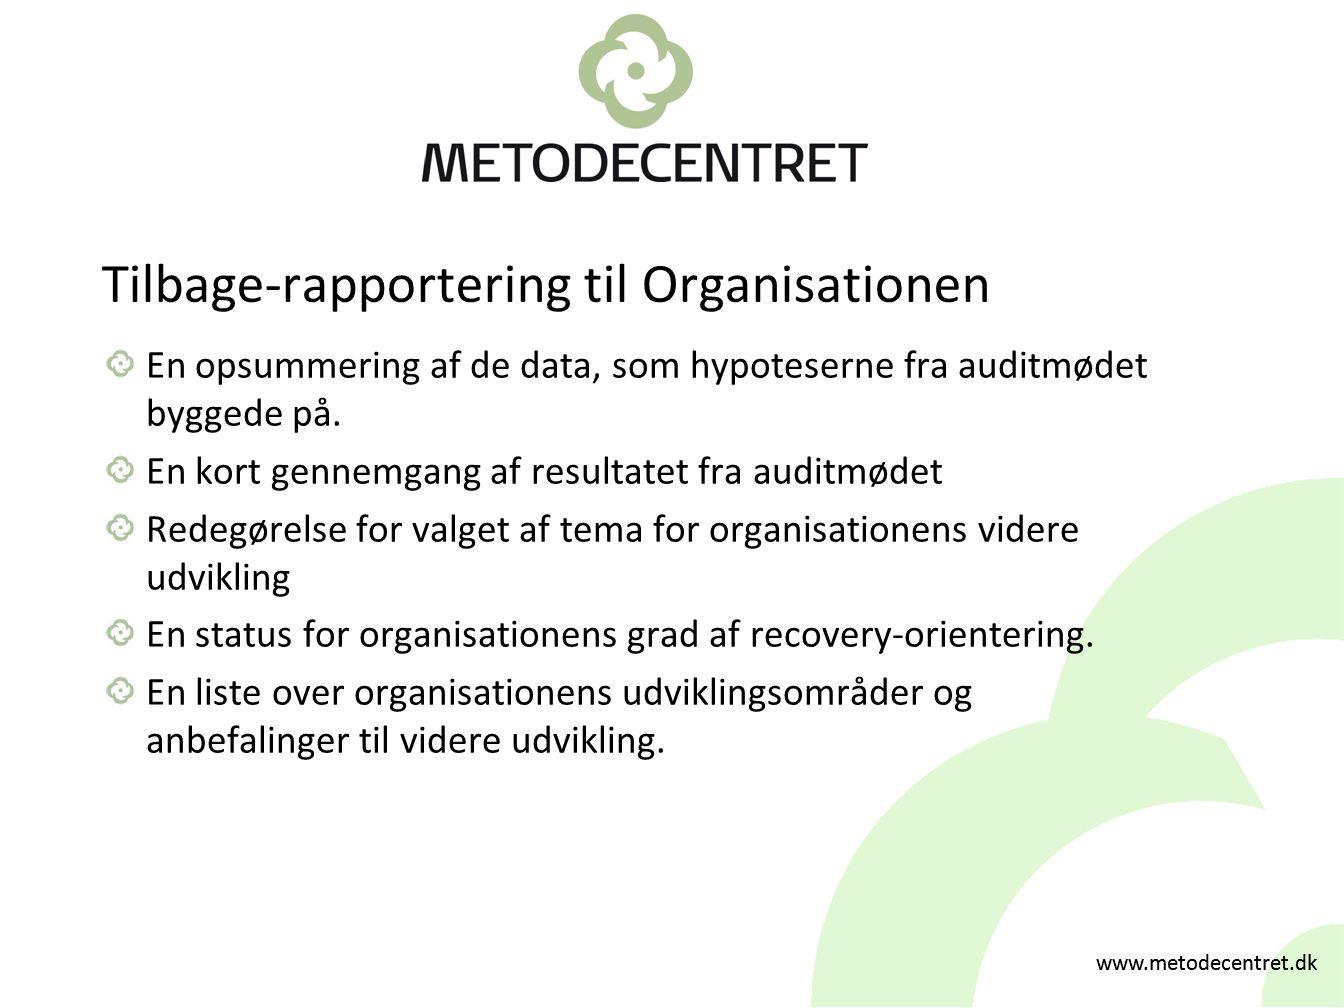 Tilbage-rapportering til Organisationen